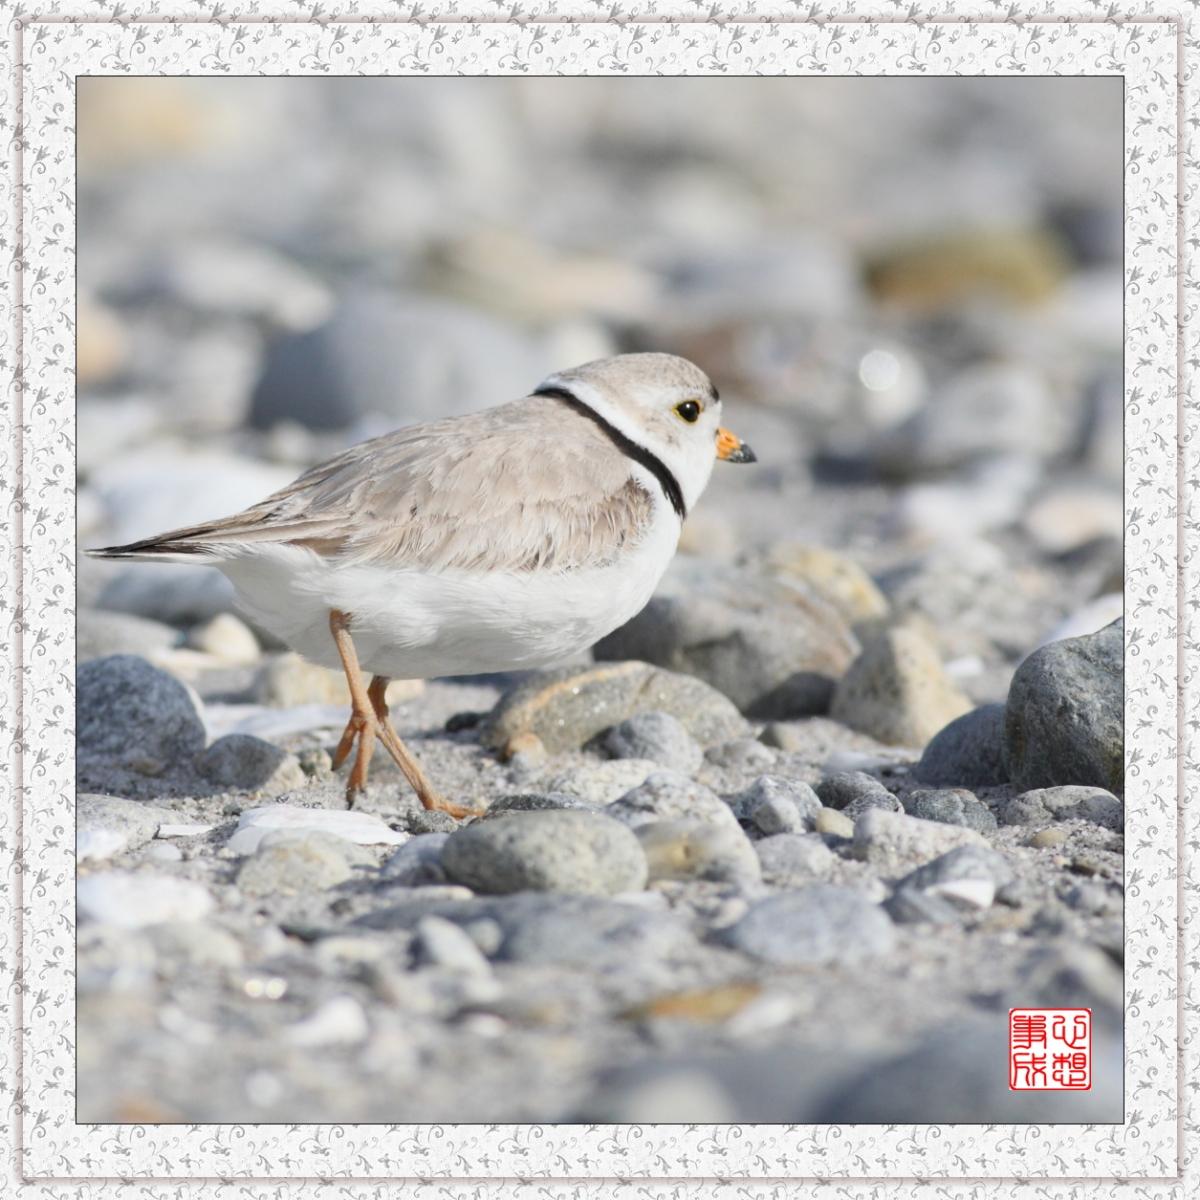 【心想事成】 飞鸟随拍图之二_图1-14